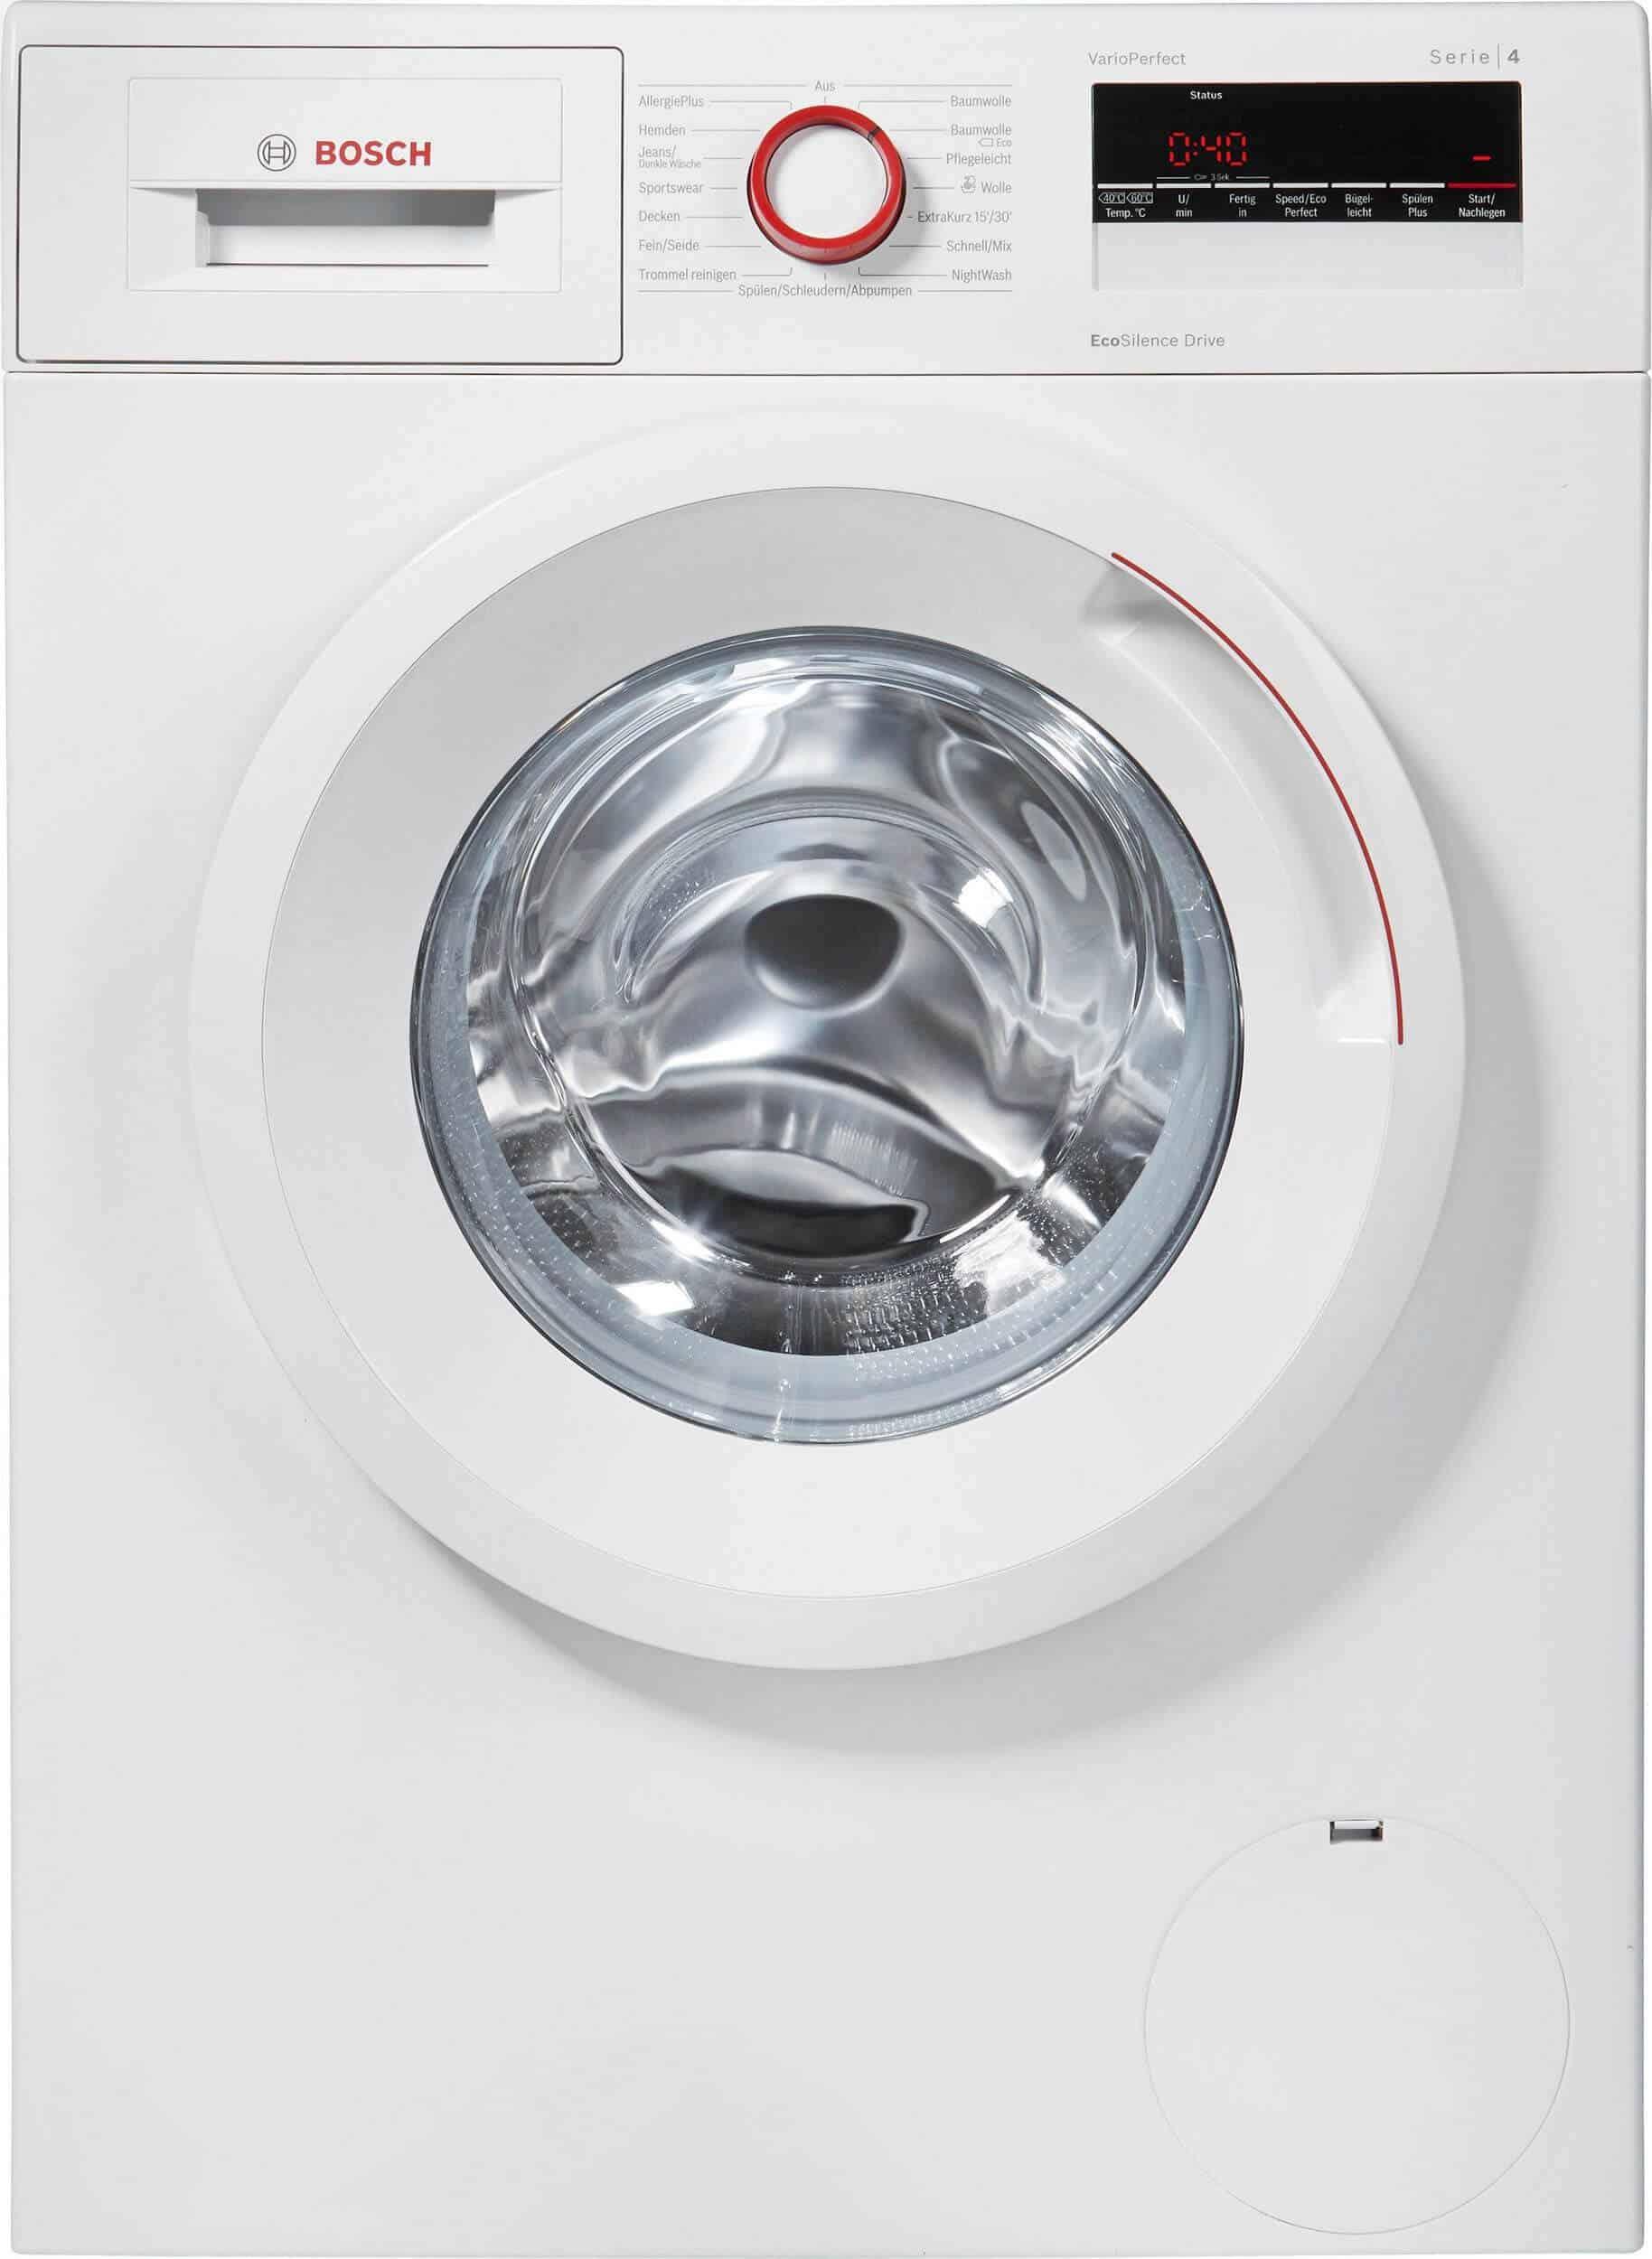 Bosch Wan282v8 Waschmaschine Ansicht Bedienelement Hochwertige